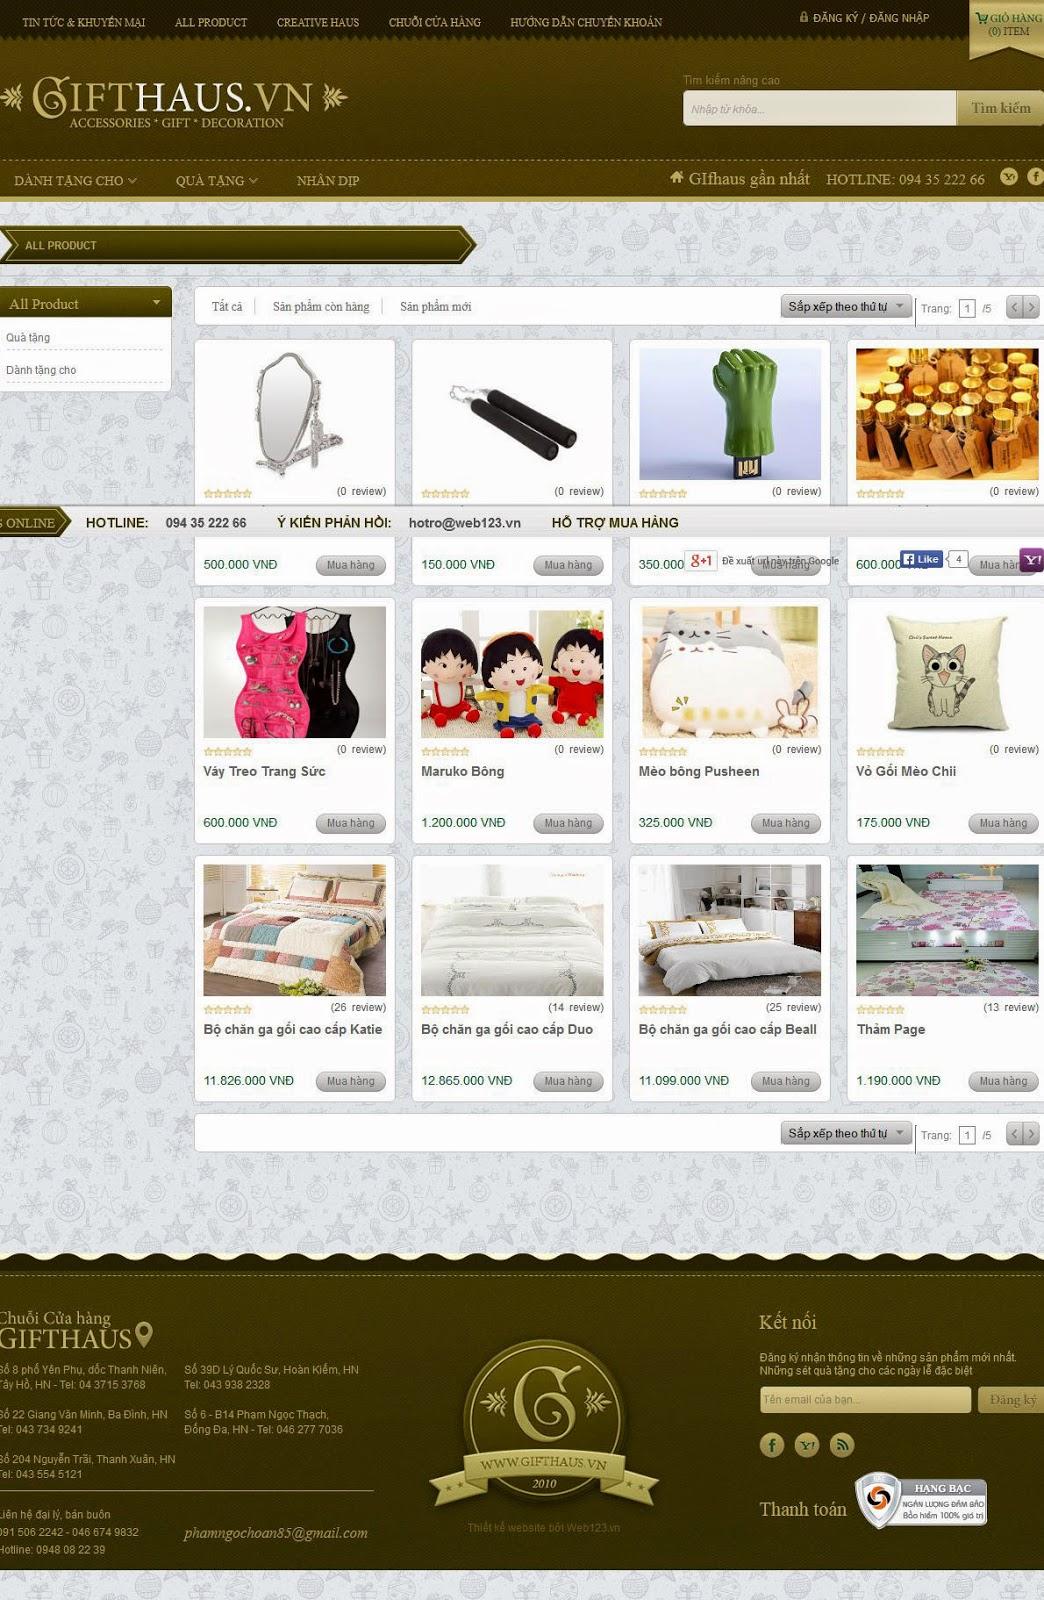 thiết kế web lưu niệm